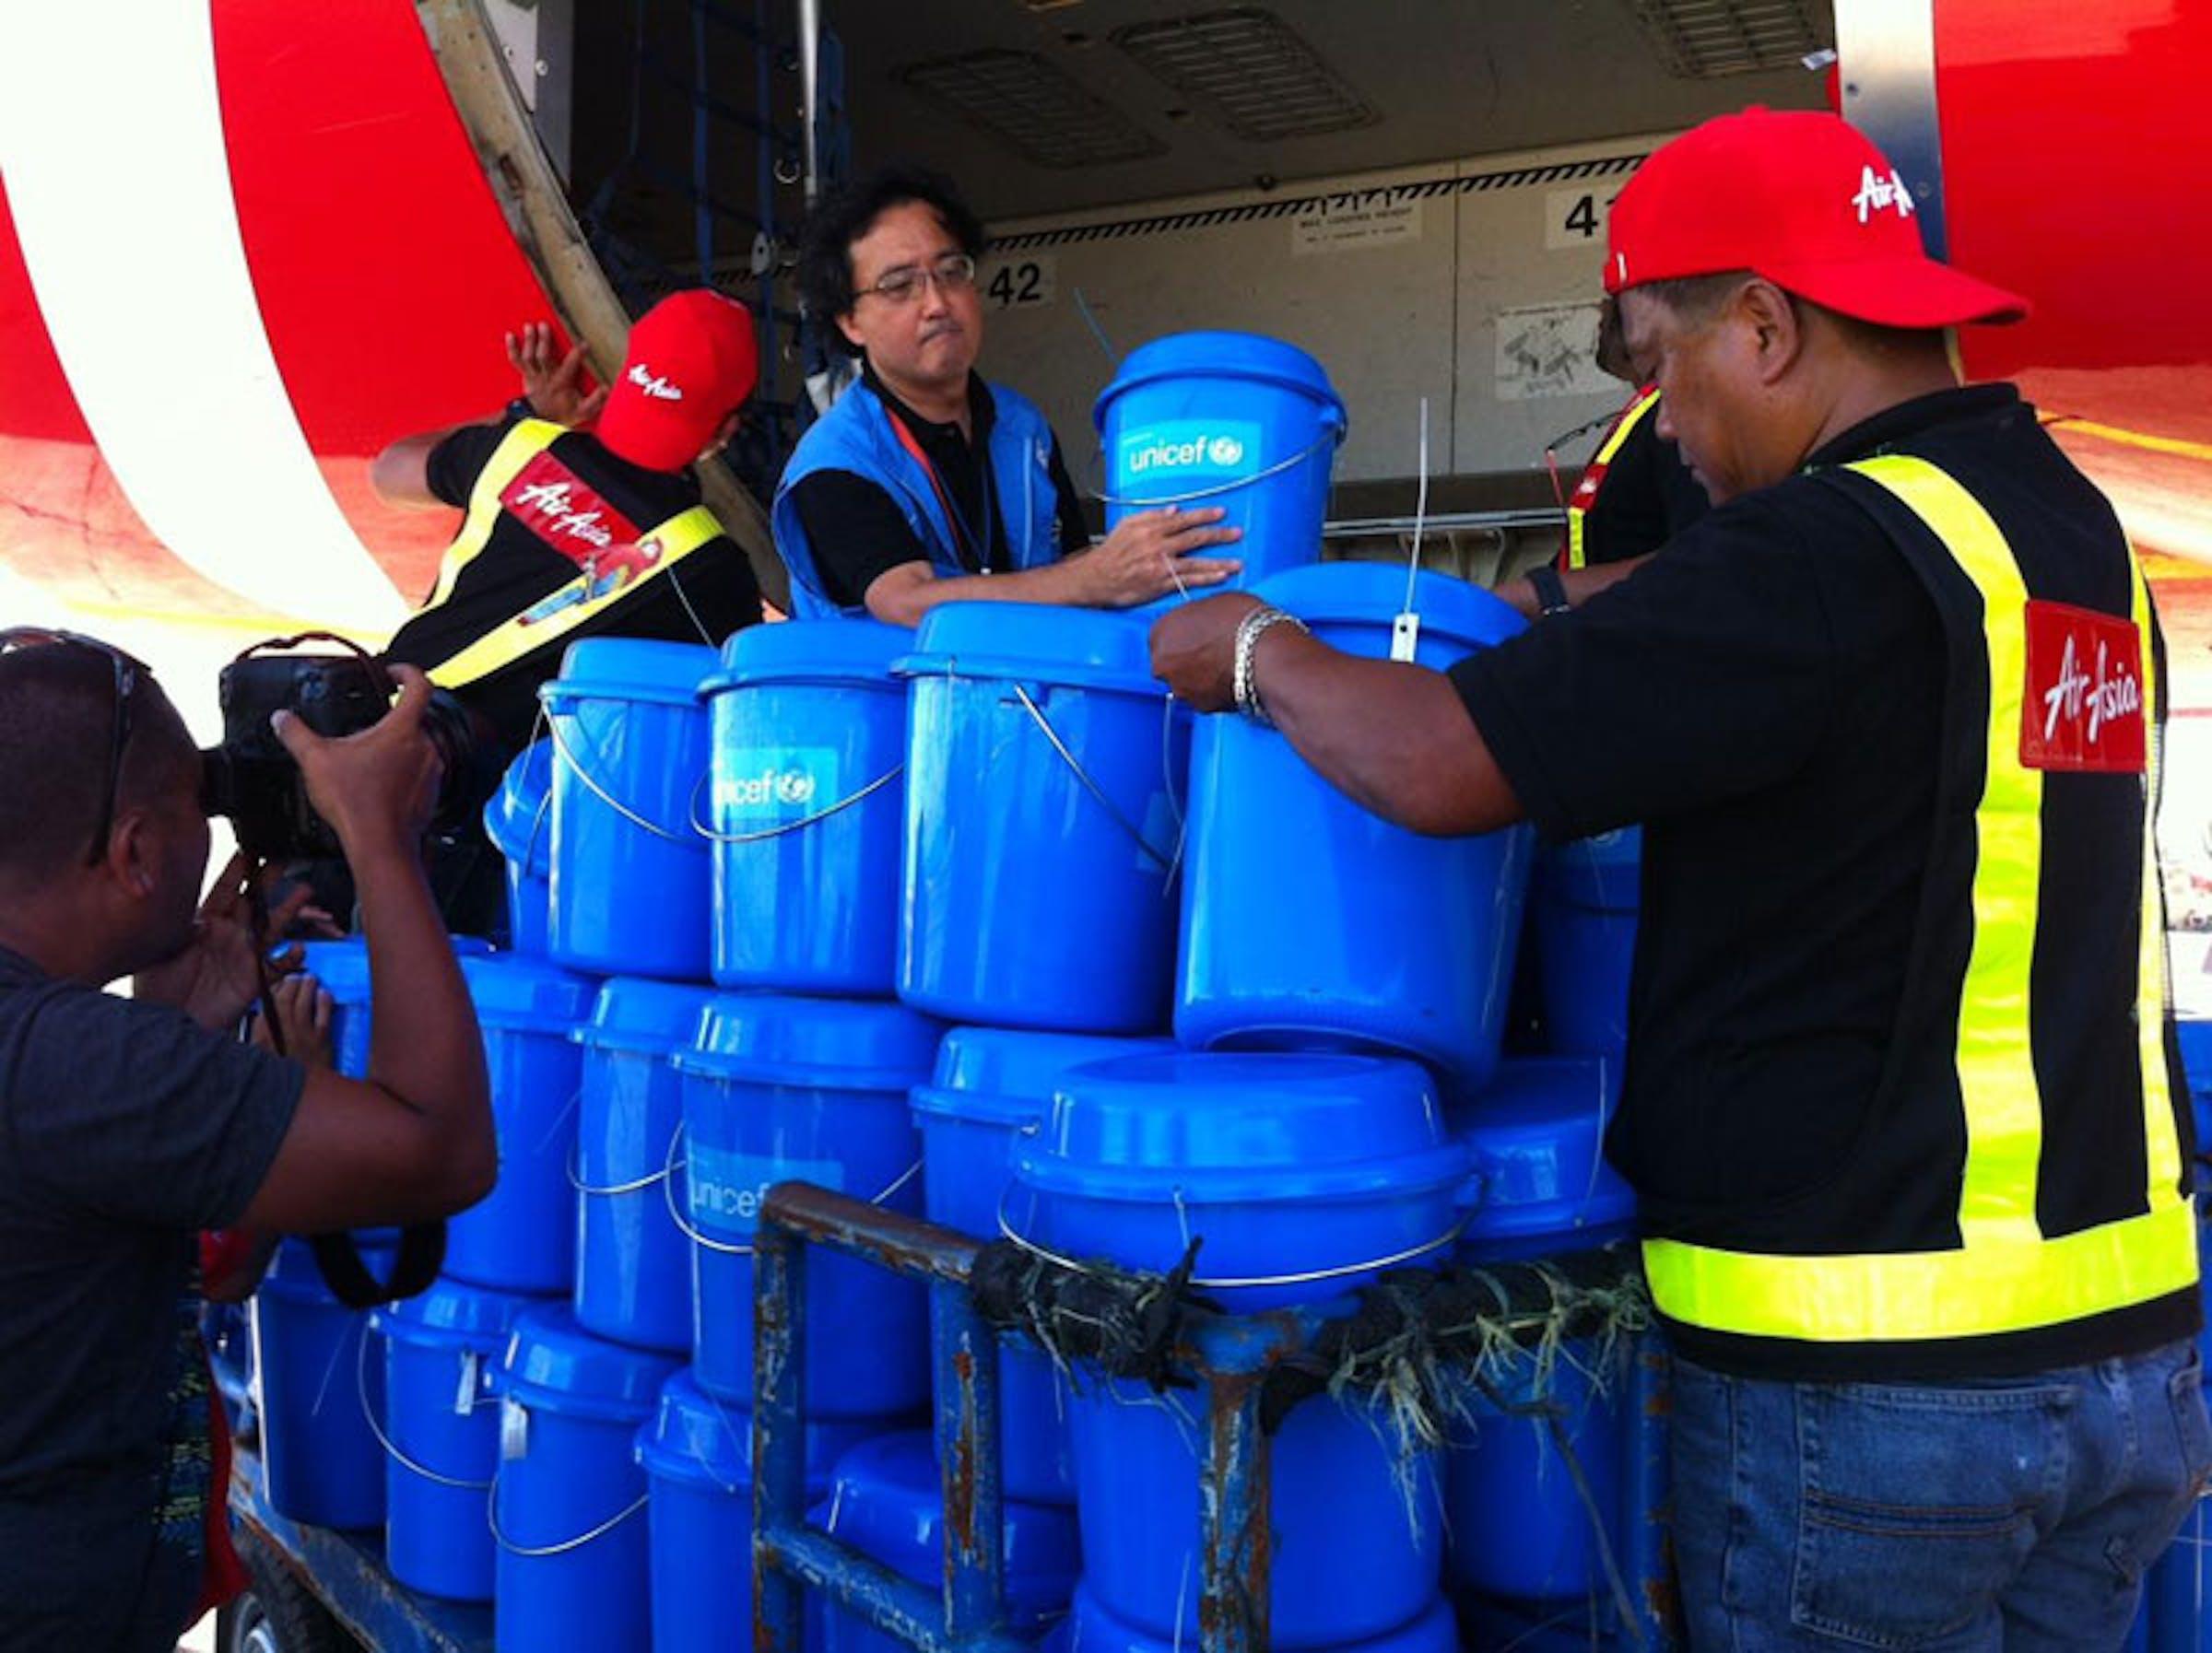 Il Rappresentante UNICEF nelle Filippine Tomoo Hozumi e alcuni operatori caricano scorte di aiuti sul charter umanitario donato a UNICEF da AirAsia - ©UNICEF/PFPG2013P-0246/Marissa Aroy